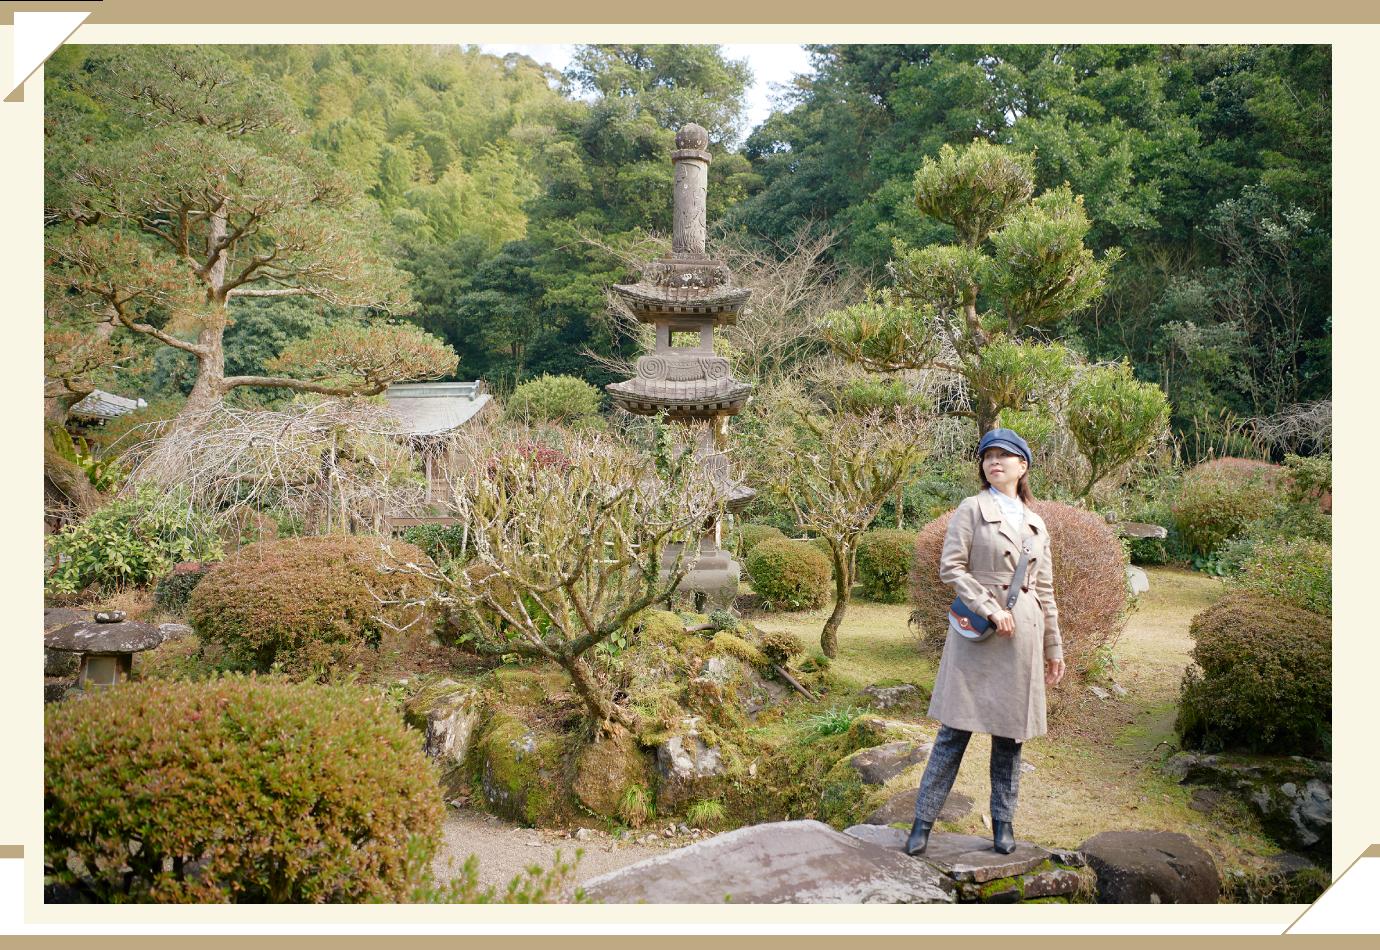 塚崎の大楠・塚崎古墳群を訪れた真矢ミキさん